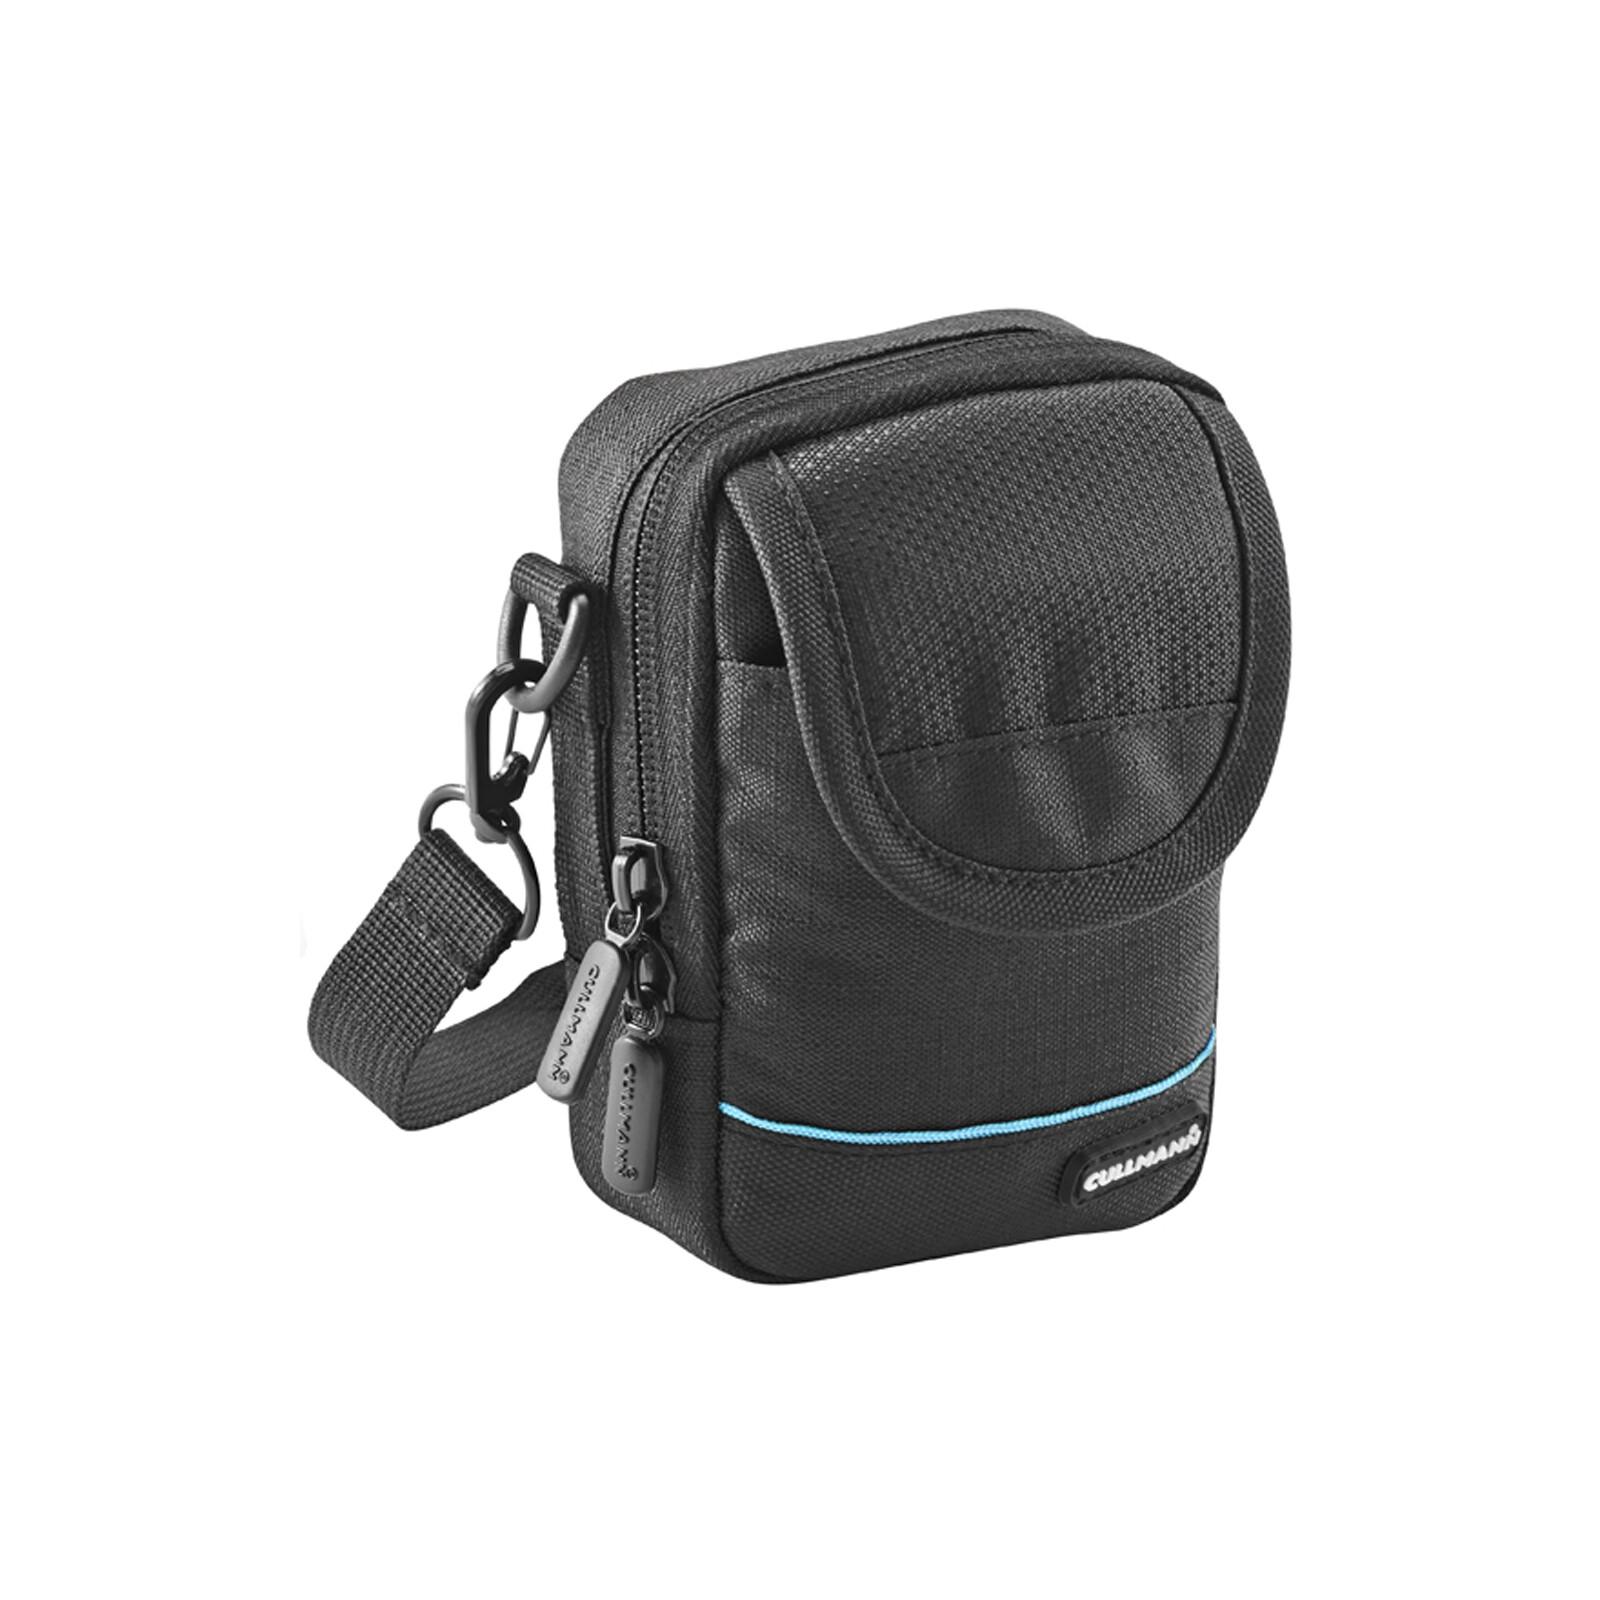 Cullmann Ultralight Pro Compact 300 schwarz